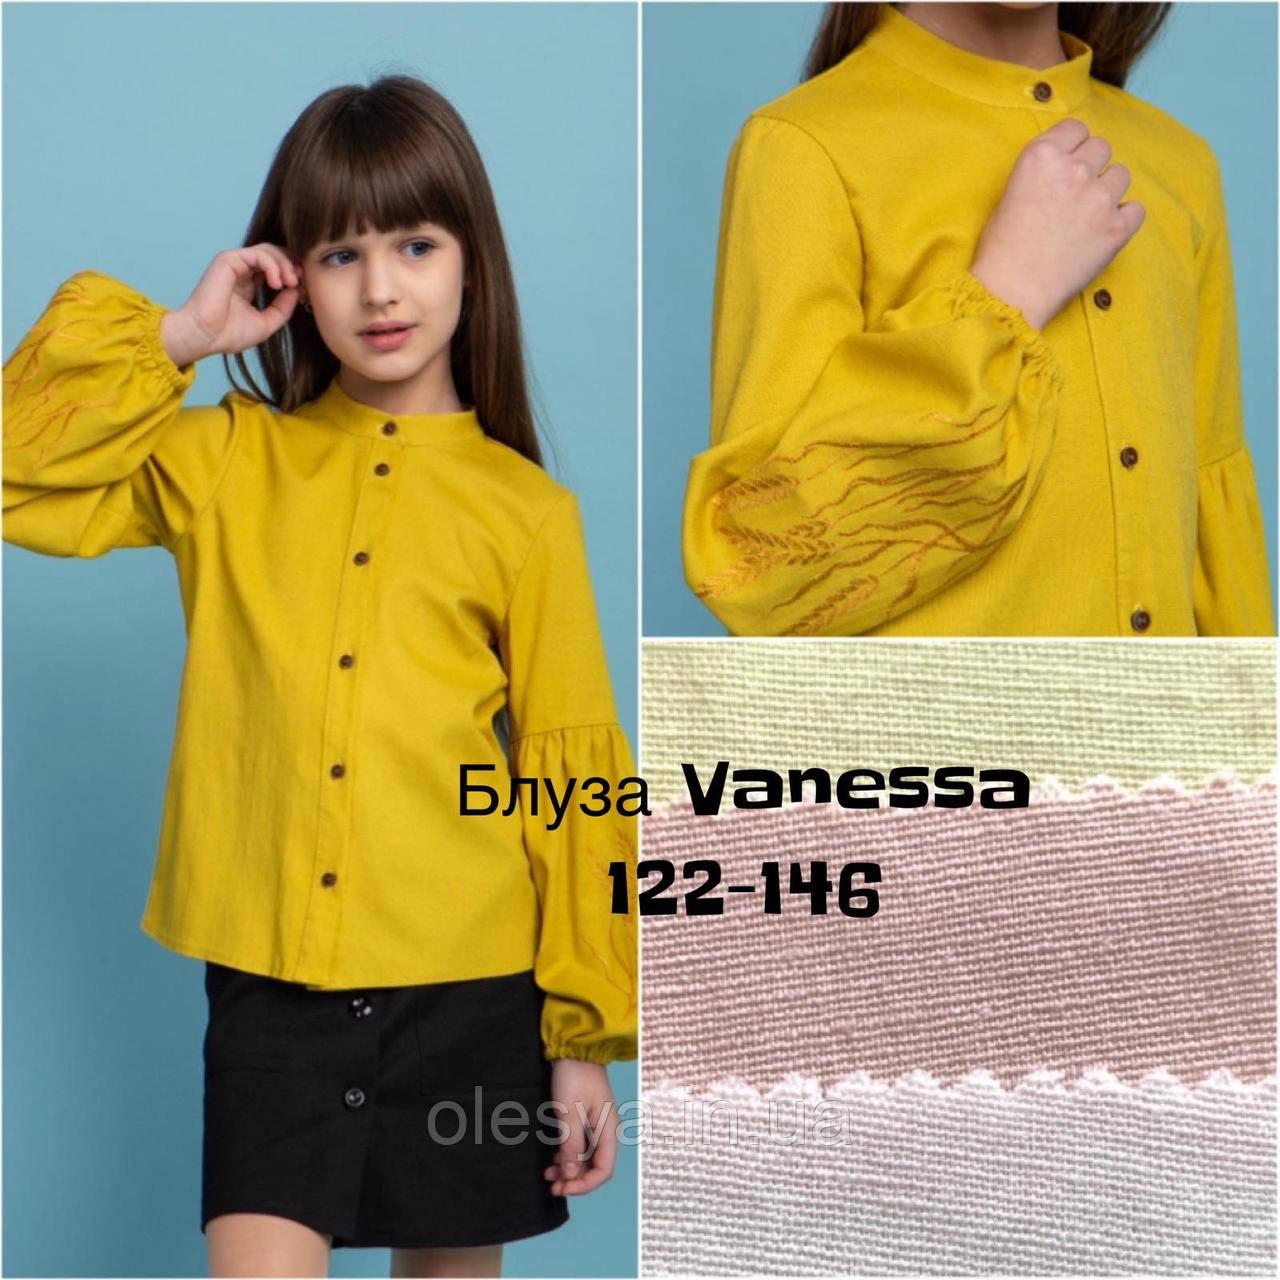 Блузка модная для девочек Vanessa ТМ BrilliAnt Размеры 122-146